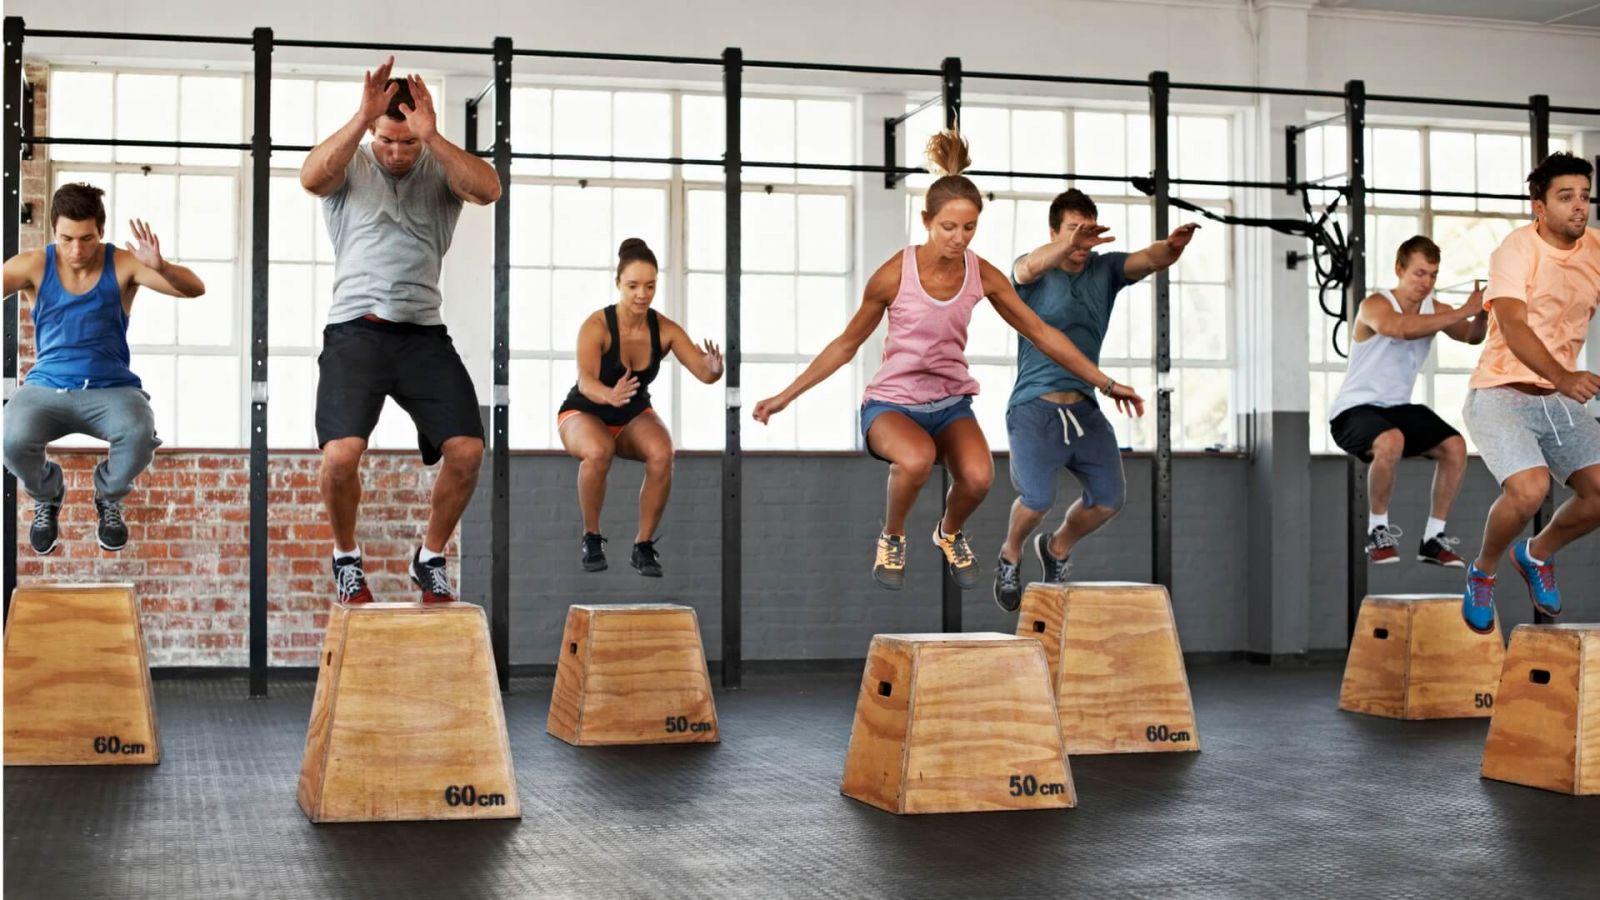 Metabolisme tubuh akan berjalan dengan cepat sekitar 90-144 menit setelah berolahraga